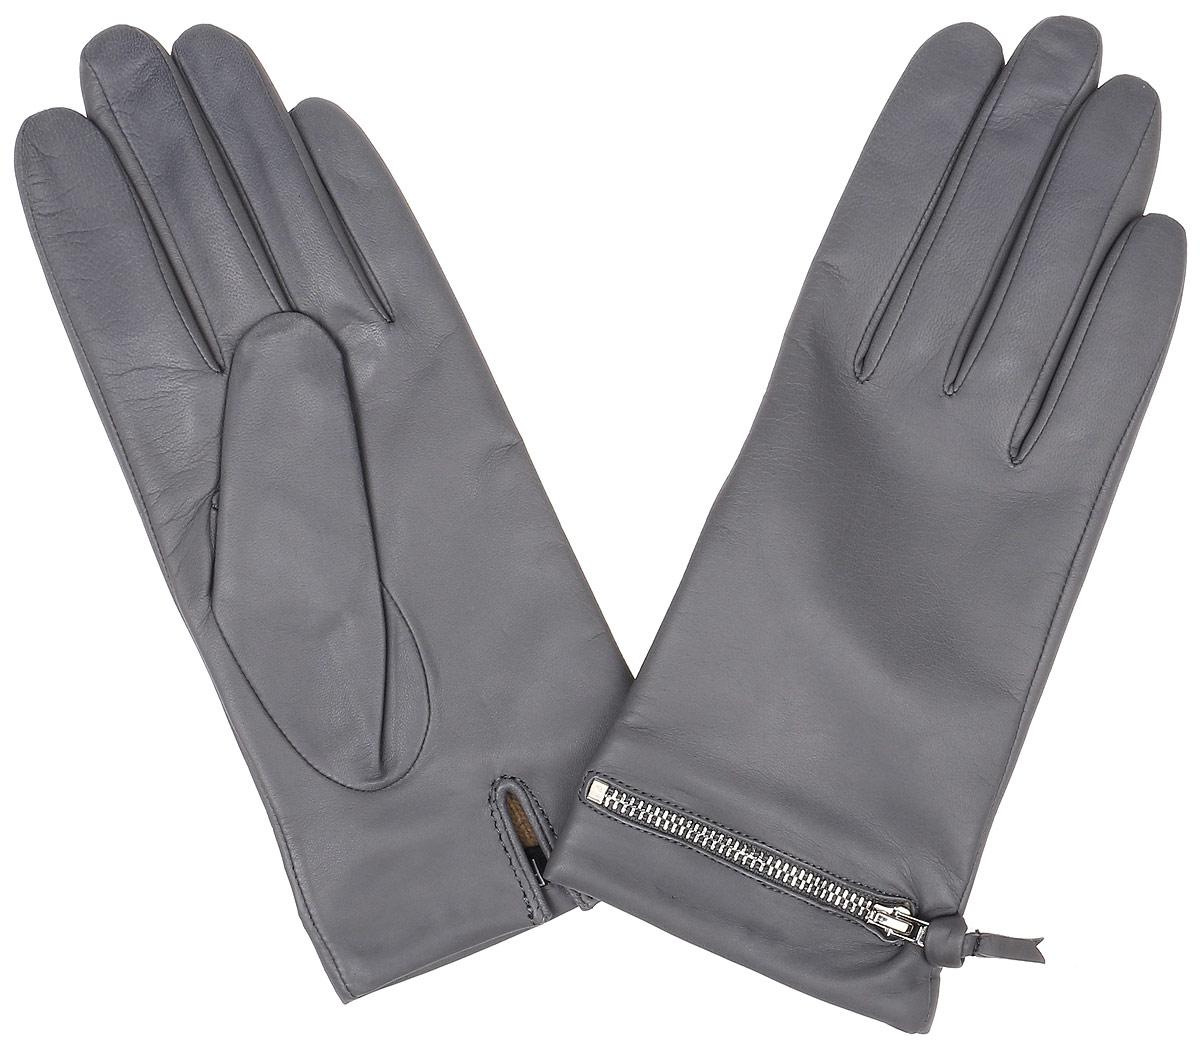 12.32-9 greyЭлегантные женские перчатки Fabretti станут великолепным дополнением вашего образа и защитят ваши руки от холода и ветра во время прогулок. Перчатки выполнены из натуральной кожи ягненка. Модель декорирована стильной металлической змейкой. Такие перчатки будут оригинальным завершающим штрихом в создании современного модного образа, они подчеркнут ваш изысканный вкус и станут незаменимым и практичным аксессуаром.